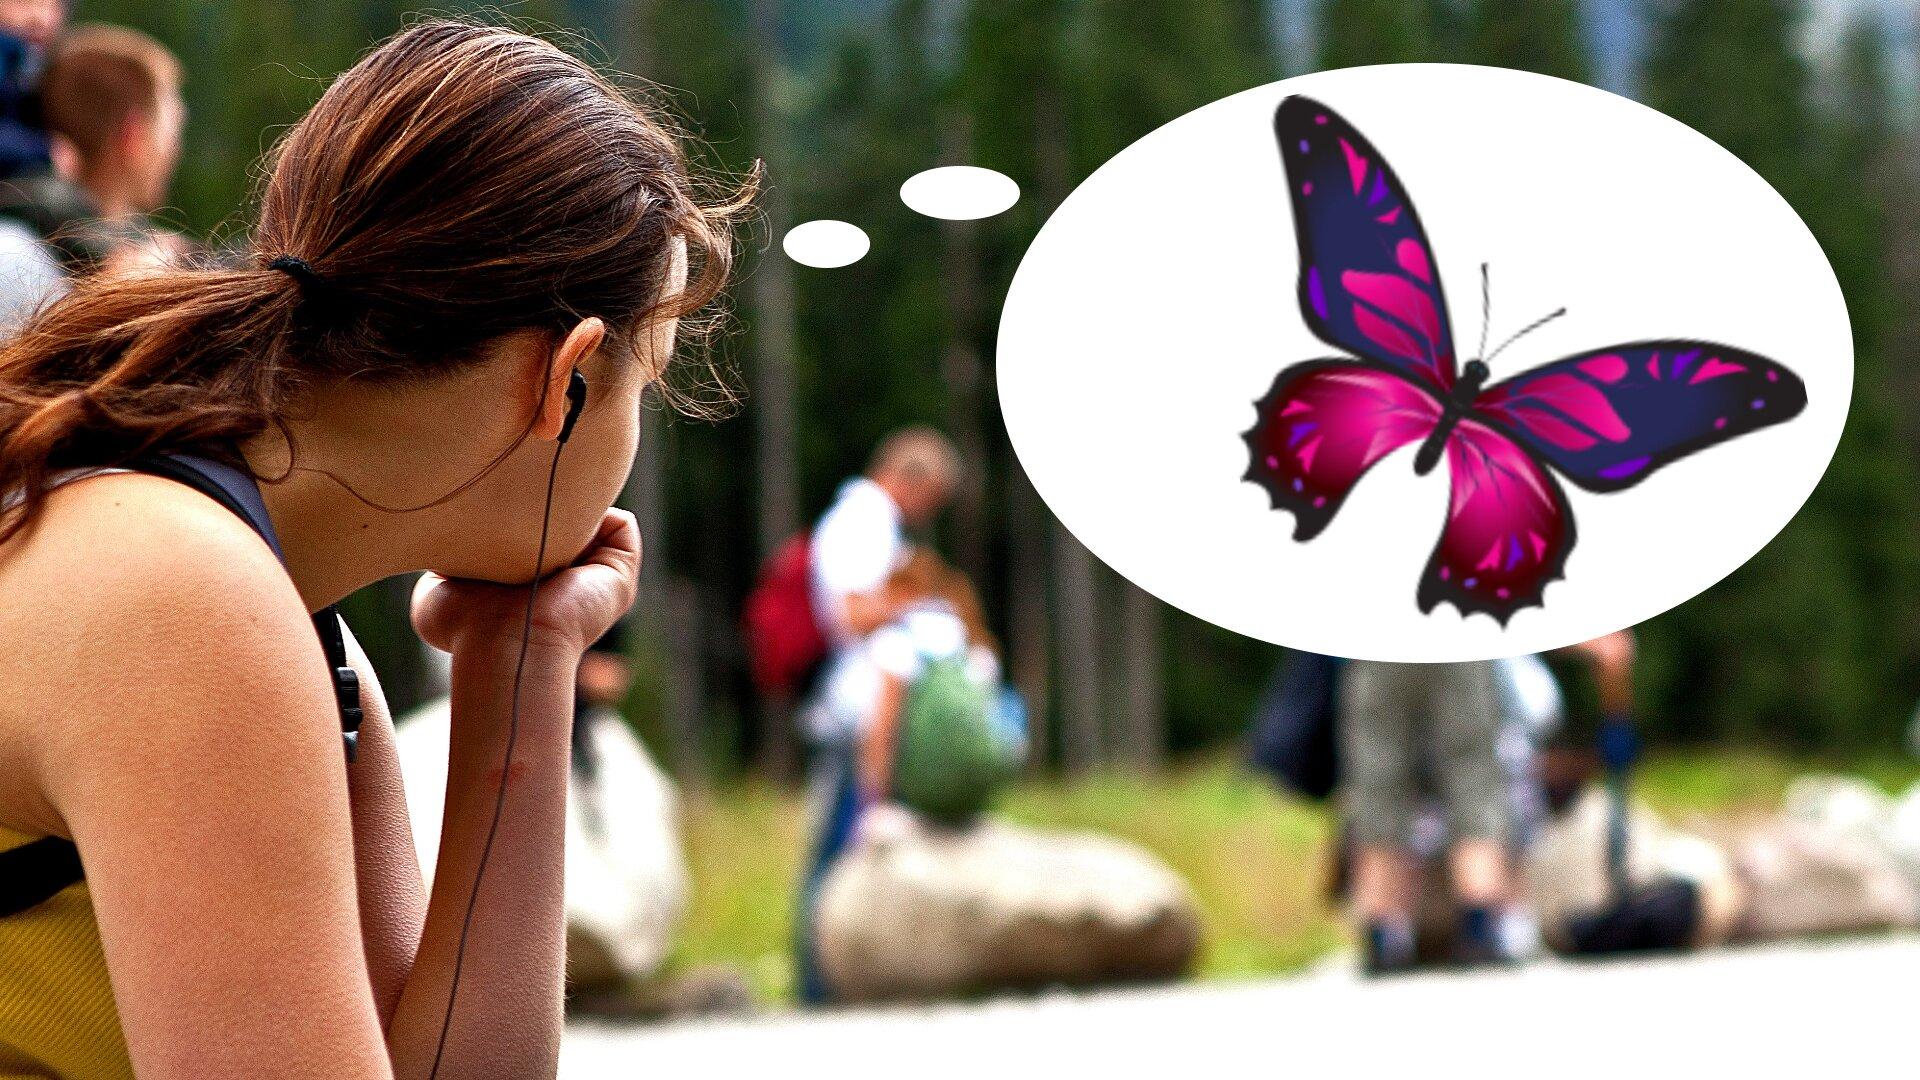 Ilustracja przedstawia zamyśloną dziewczynę. Przy jej głowie znajduje się dymek – jak wkomiksie – wktórym znajduje się rysunek różowego motyla.